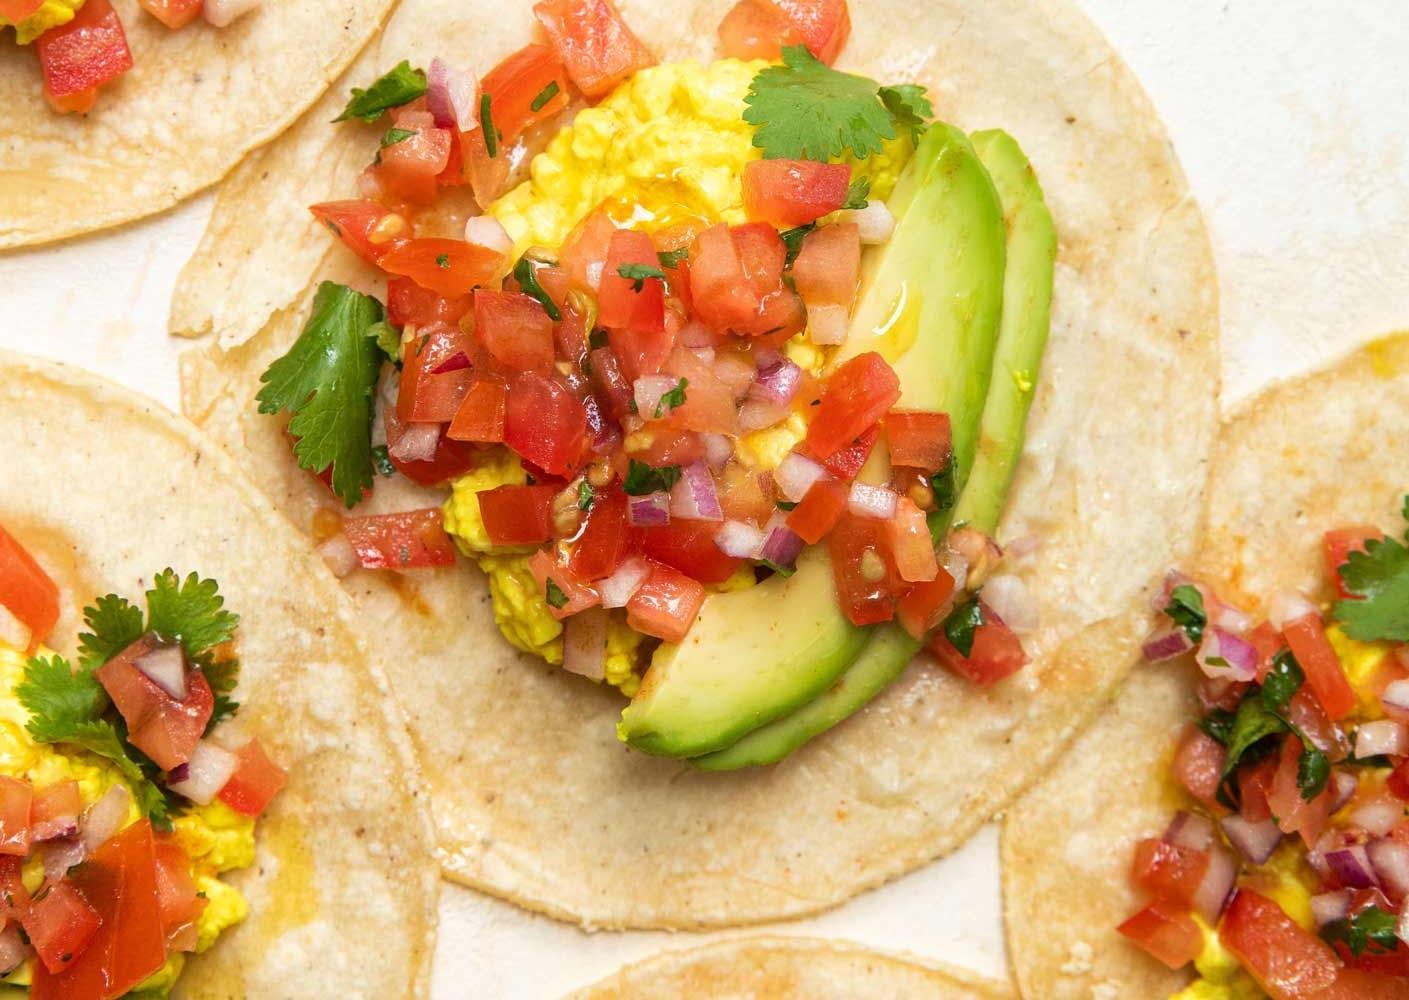 breakfast vegan tacos